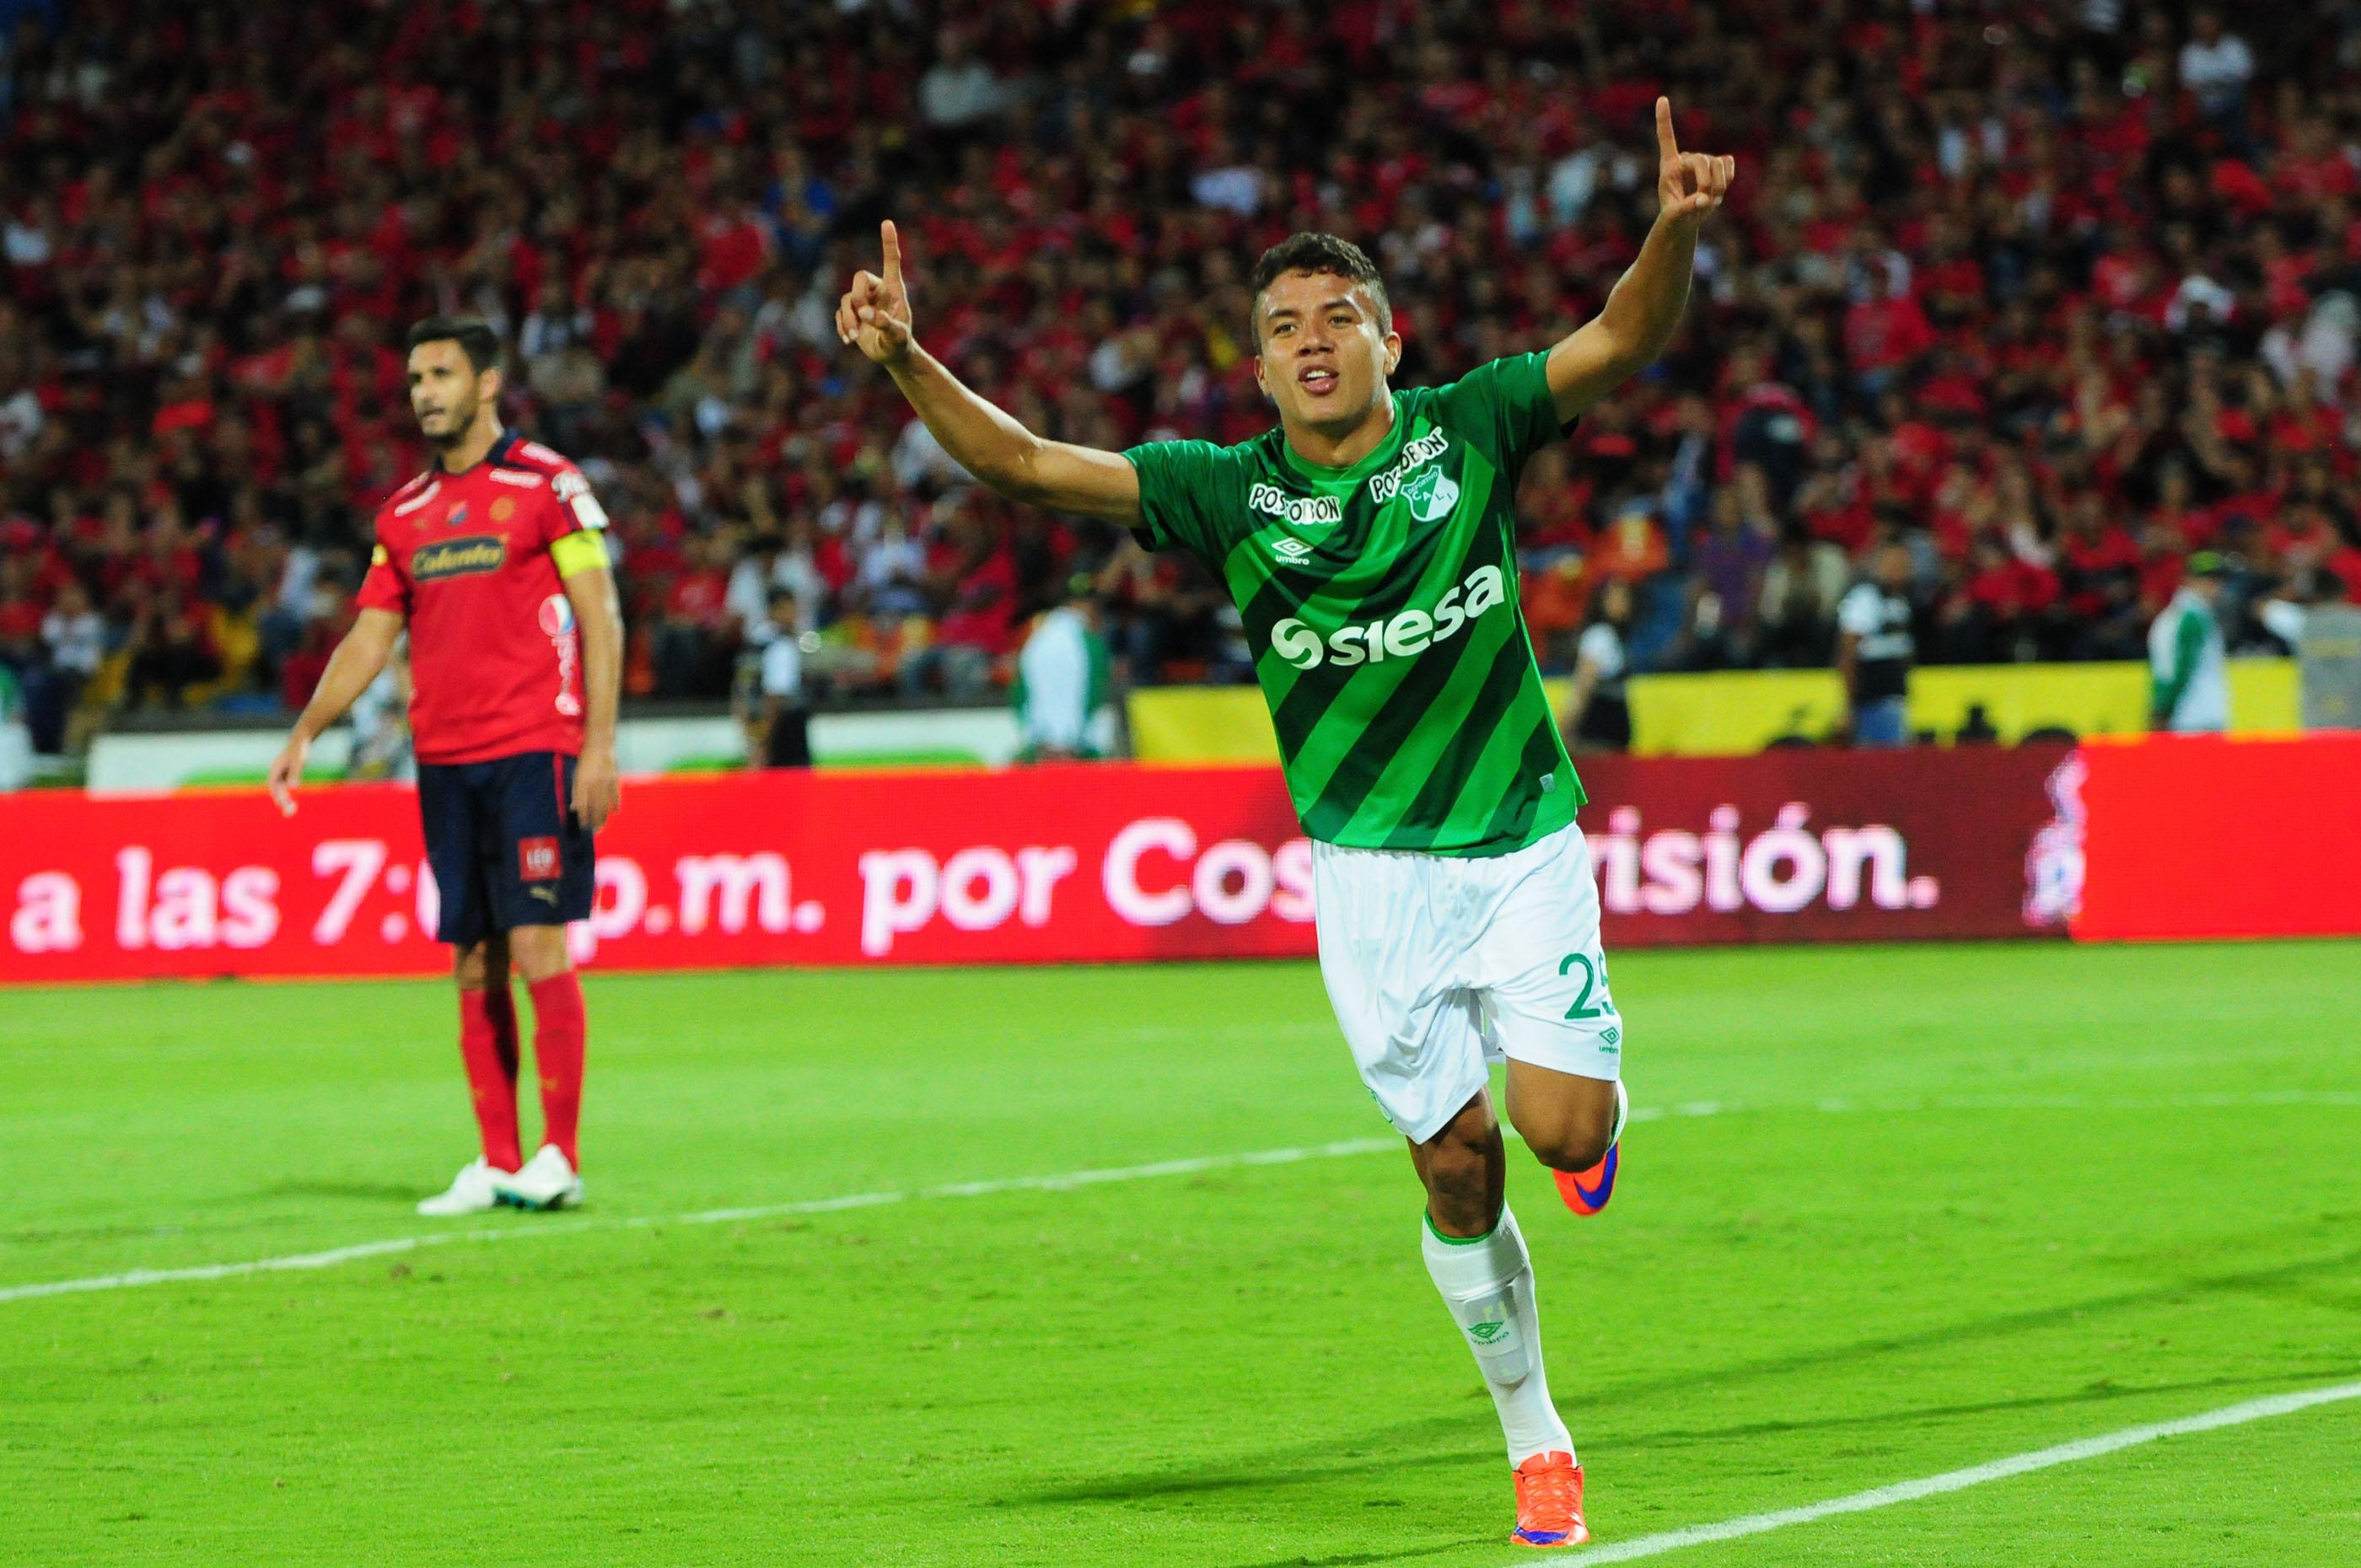 La lesión es más responsabilidad mía que del rival: Andrés Roa